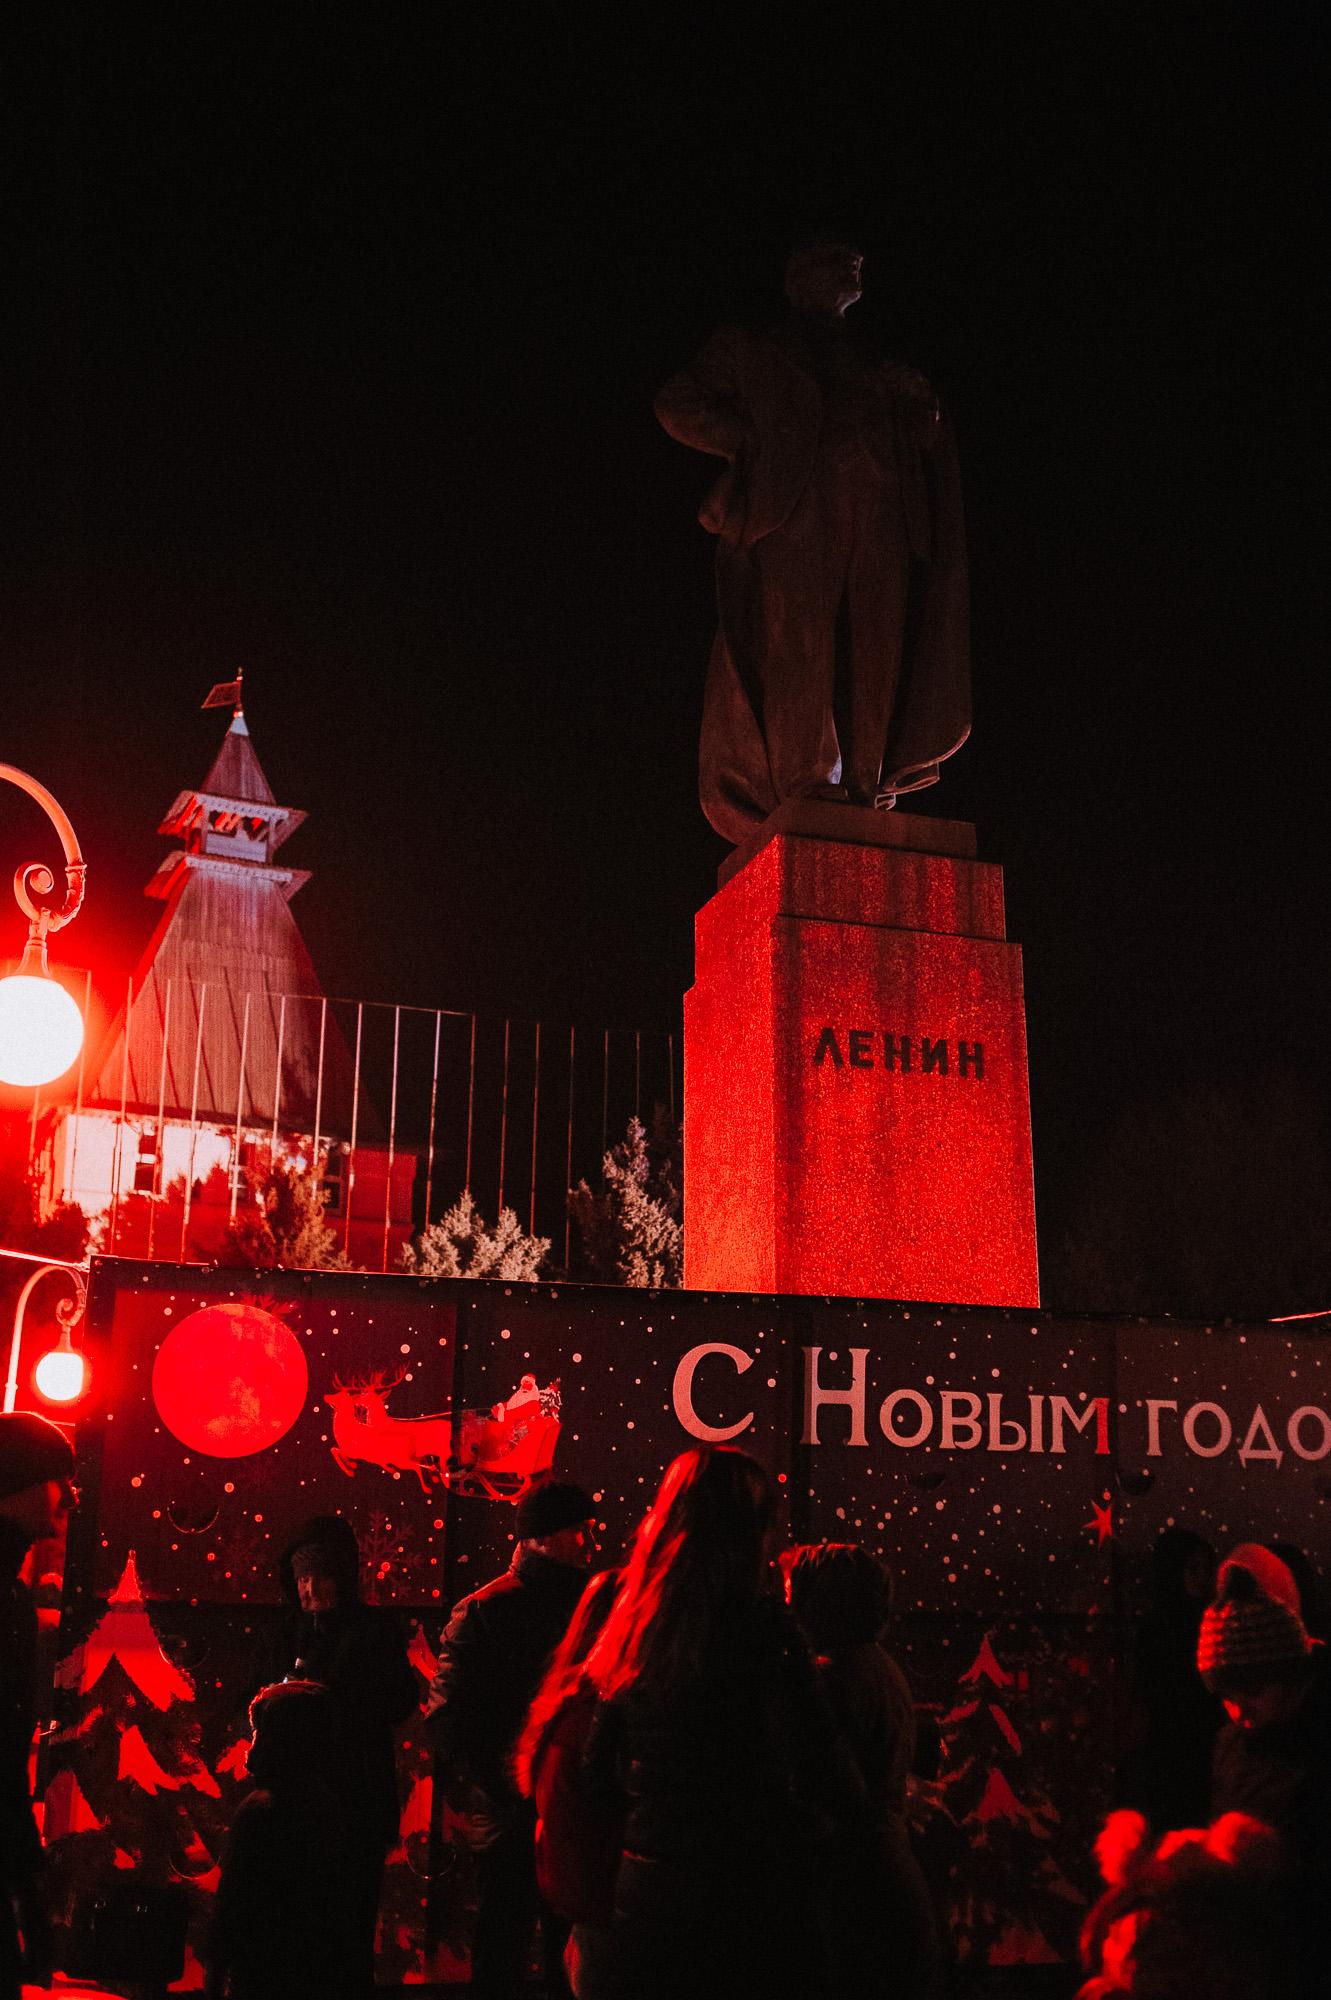 ZZZ 6860 В Астрахани на площади Ленина зажгли новогоднюю елку: кадры торжества